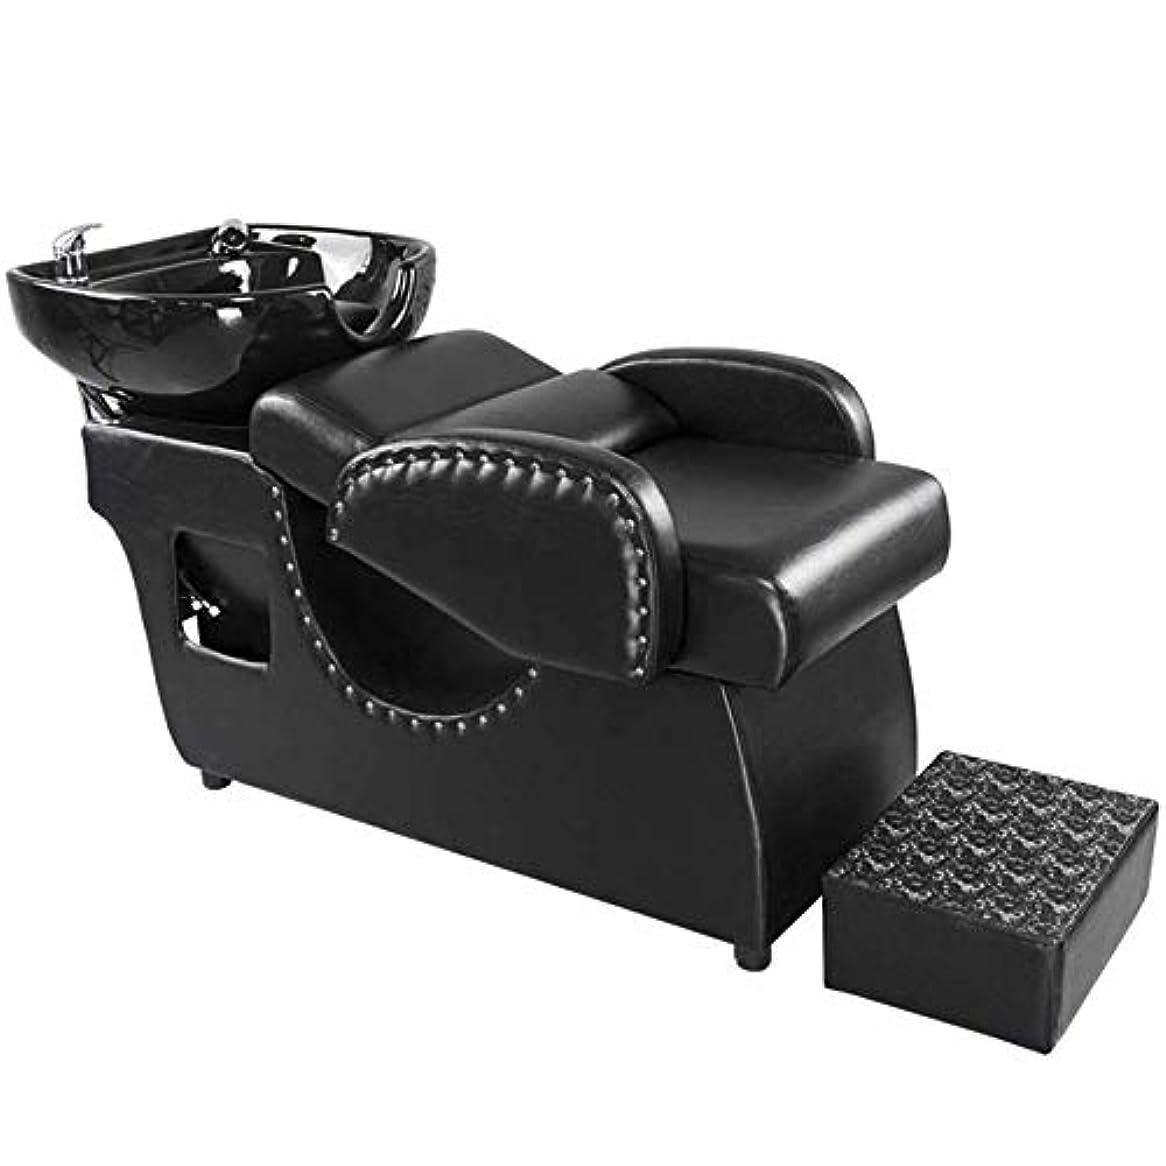 打ち上げる不変取り除くシャンプー理容室逆洗椅子、鉱泉の美容院のための陶磁器の洗面器の洗い流すベッドのシャンプーの流しの椅子